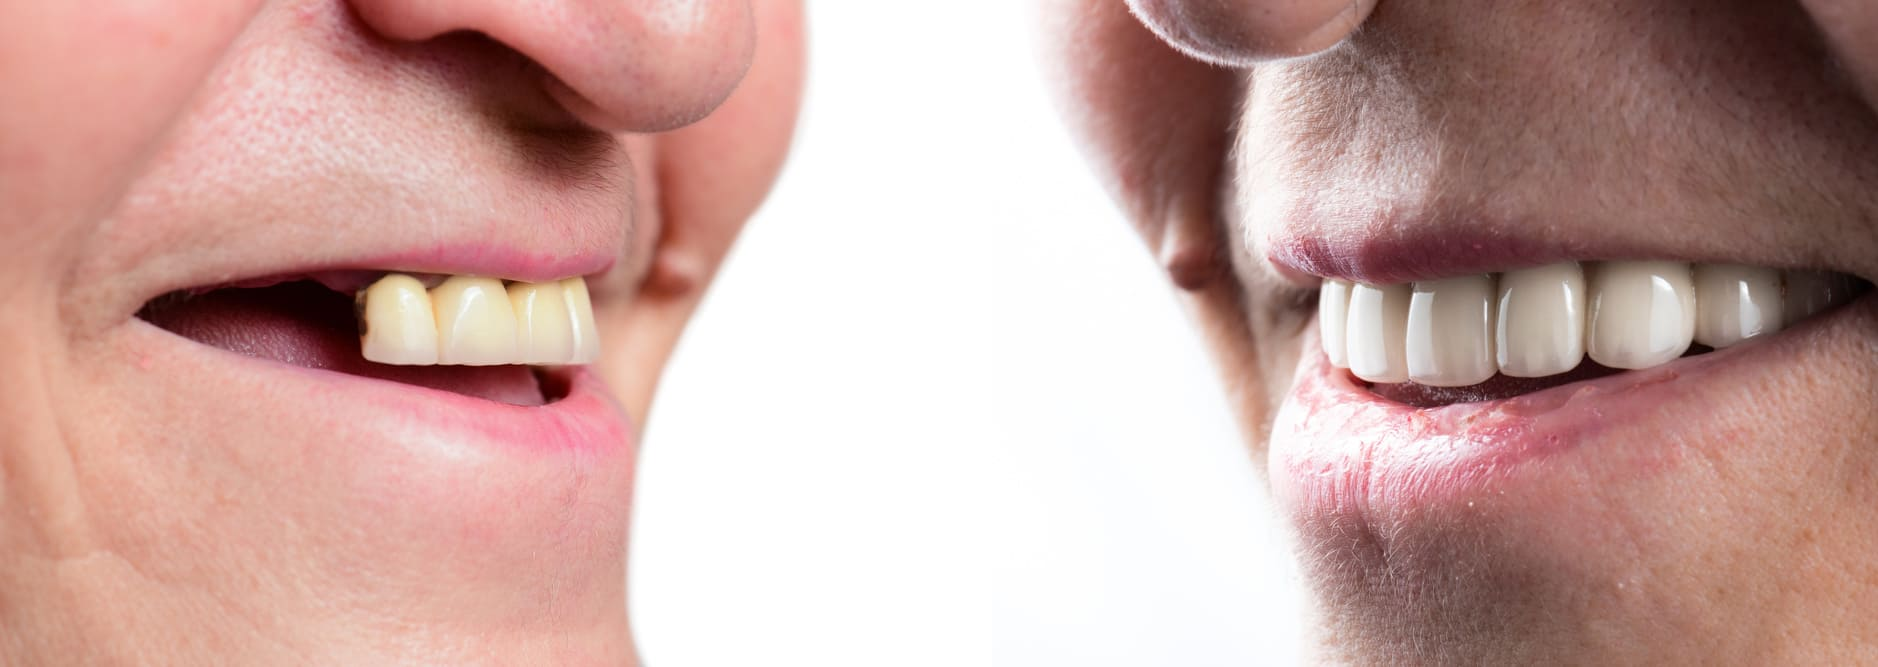 Дантист Нойбауэр про опасность мертвых зубов и металлических имплантов